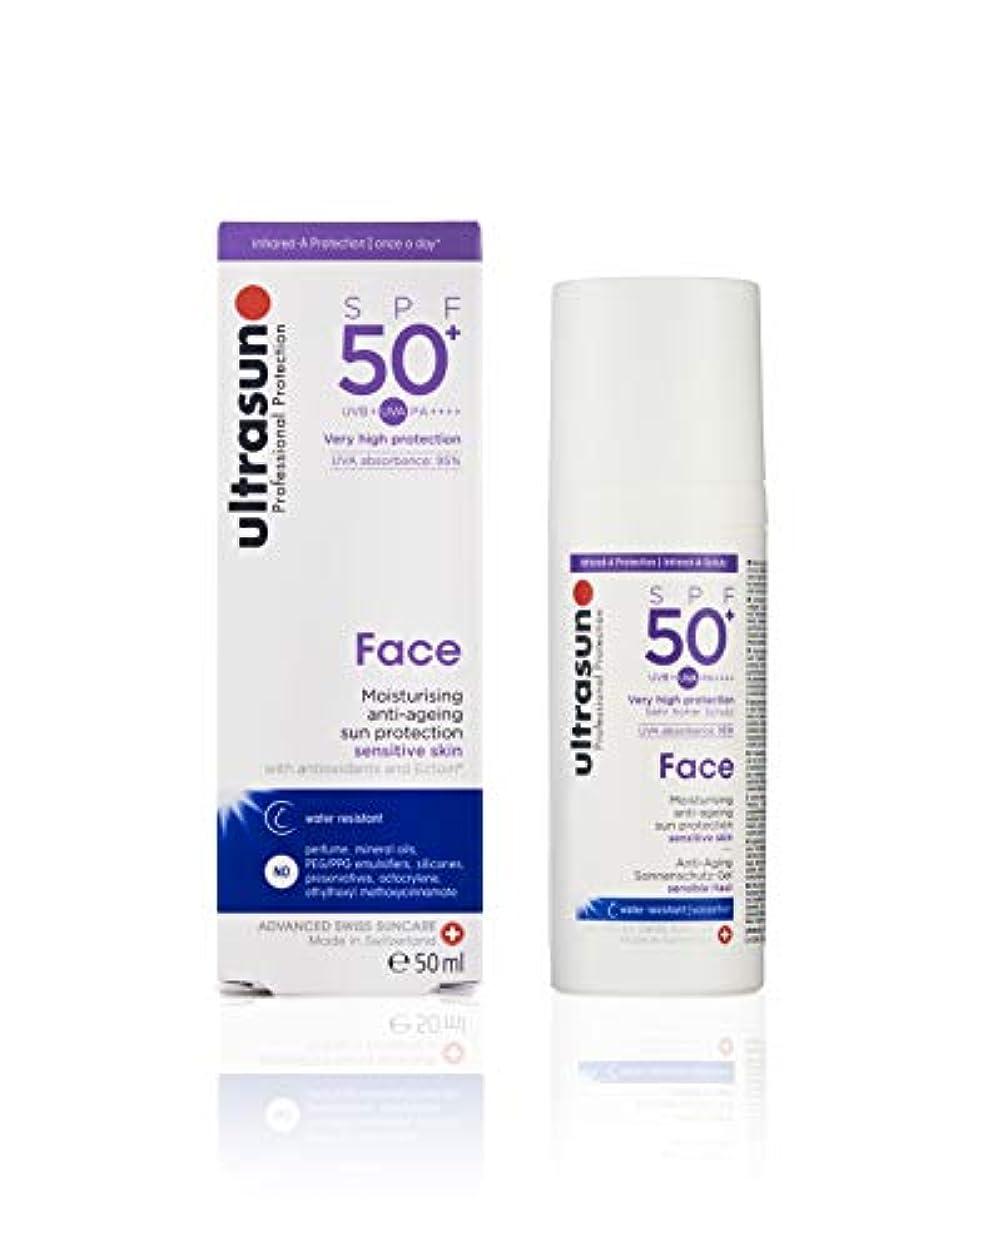 汚いアプローチ助言アルトラサン 日やけ止めクリーム フェイス UV 敏感肌用 SPF50+ PA++++ トリプルプロテクション 50mL